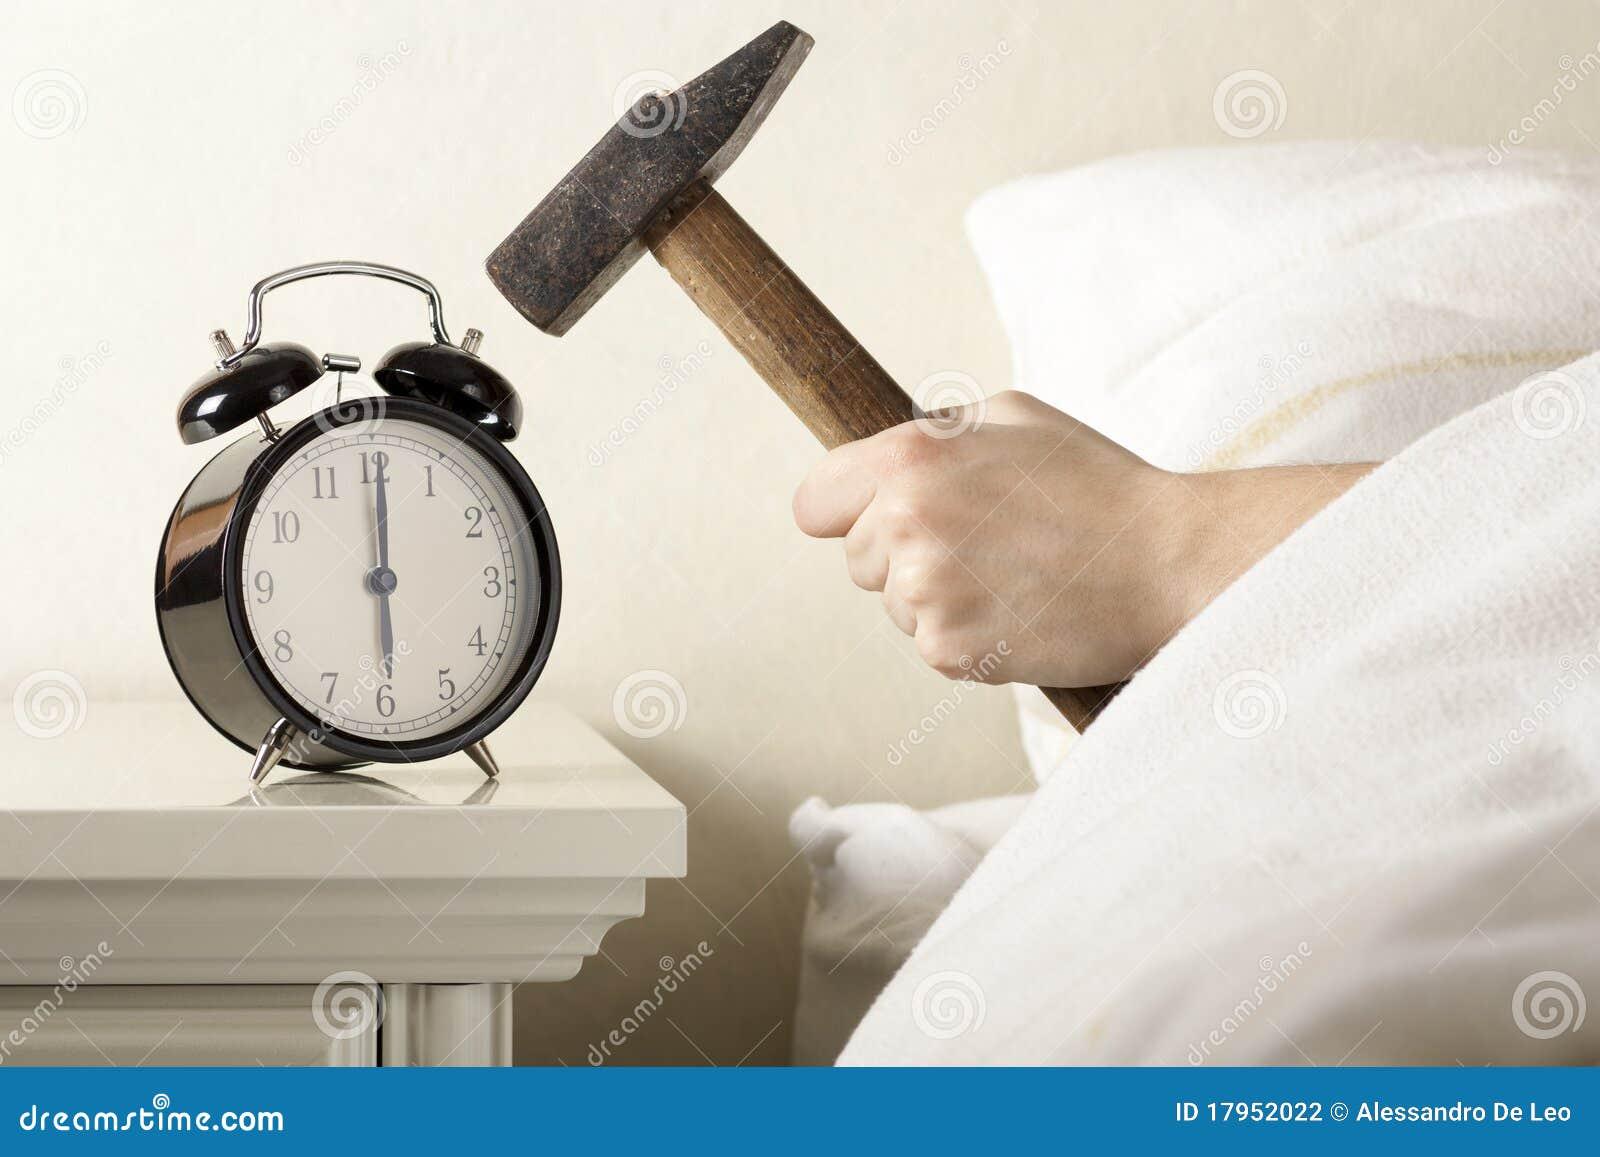 Smashing Alarm Clock With Hammer Stock Photo Image 17952022